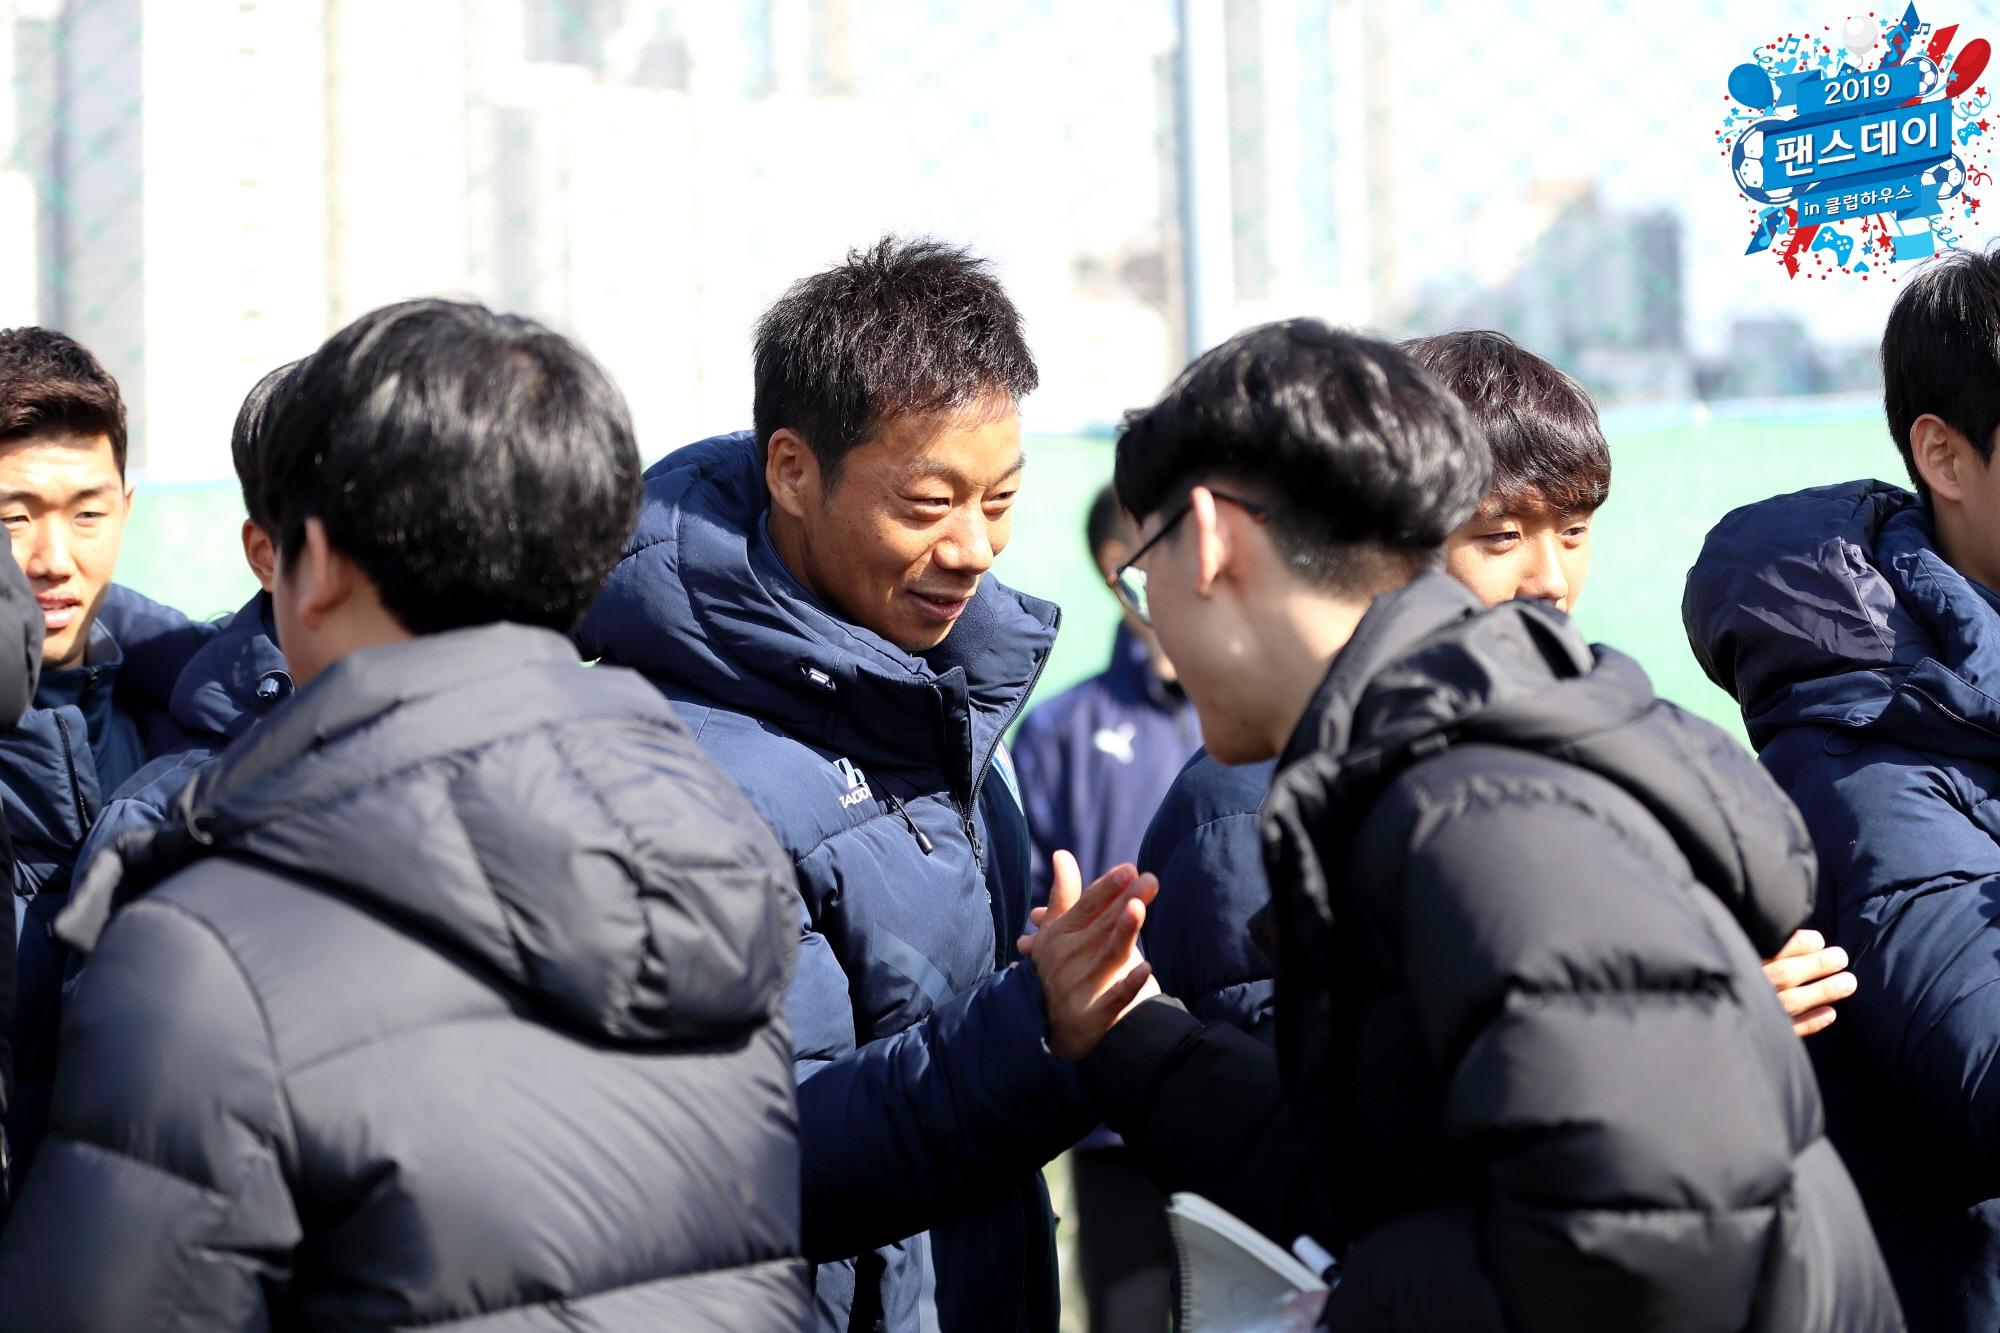 2019-0223-팬즈데이-0688.JPG